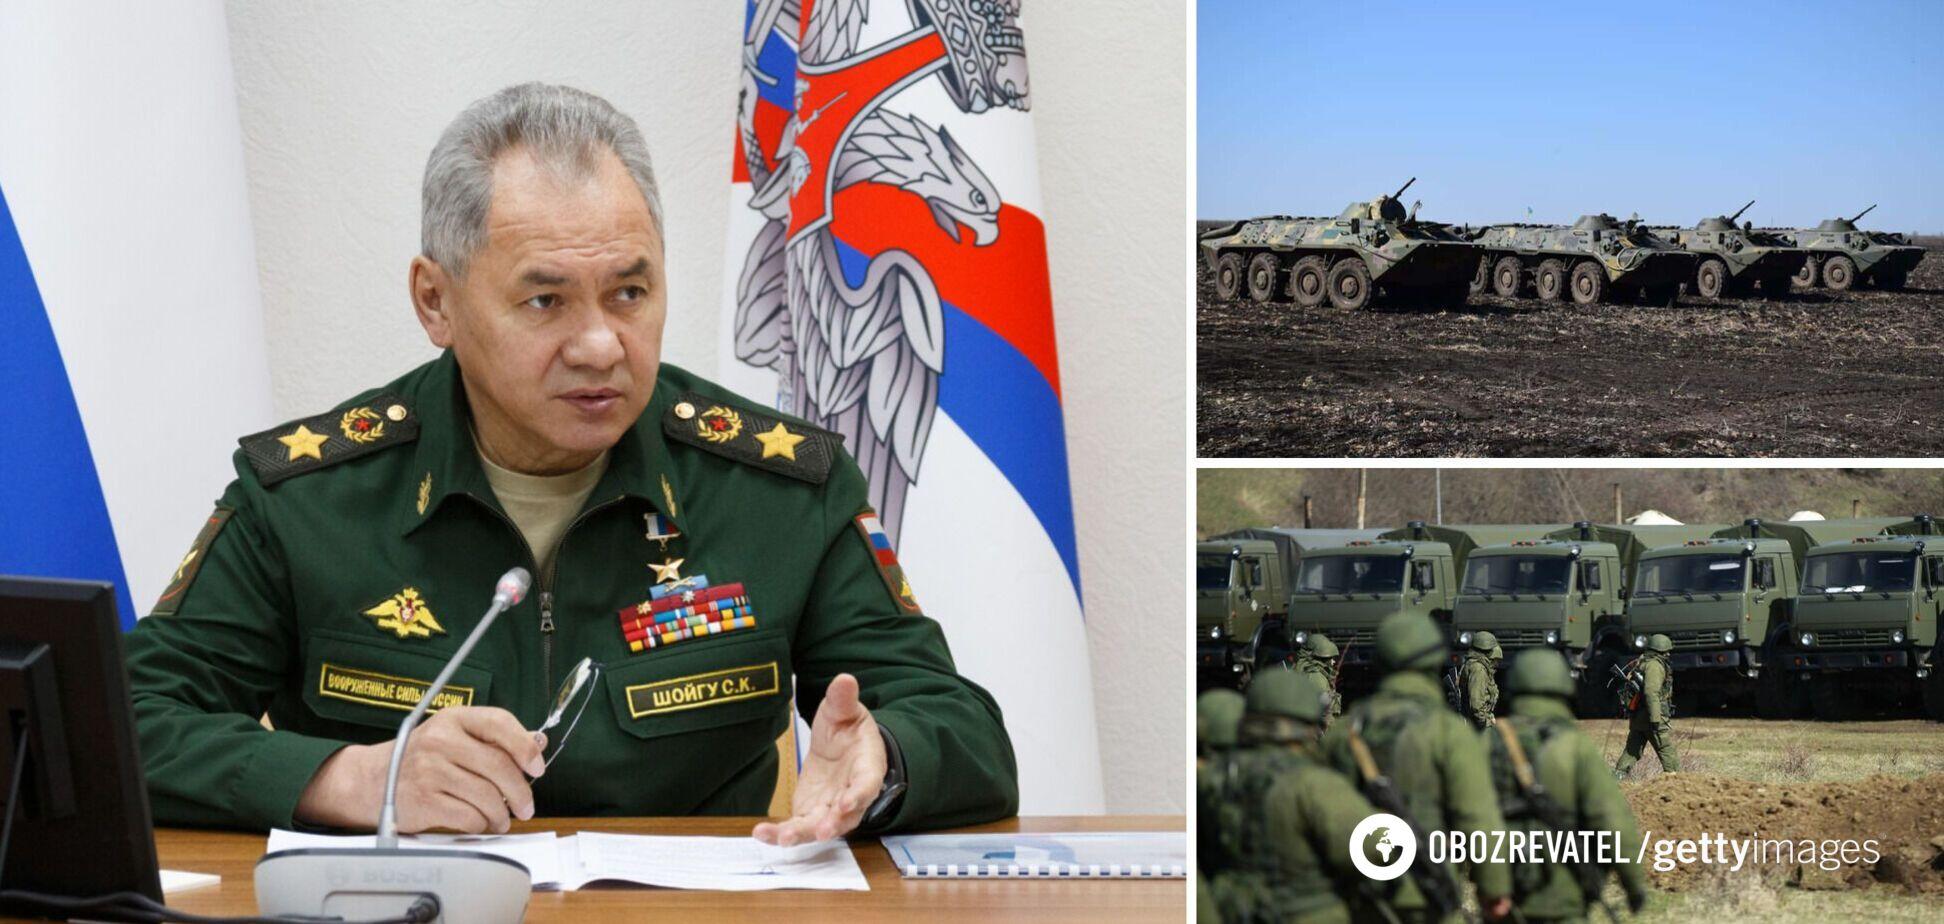 У Путина заявили о создании новой дивизии на юге РФ 'для противостояния НАТО'